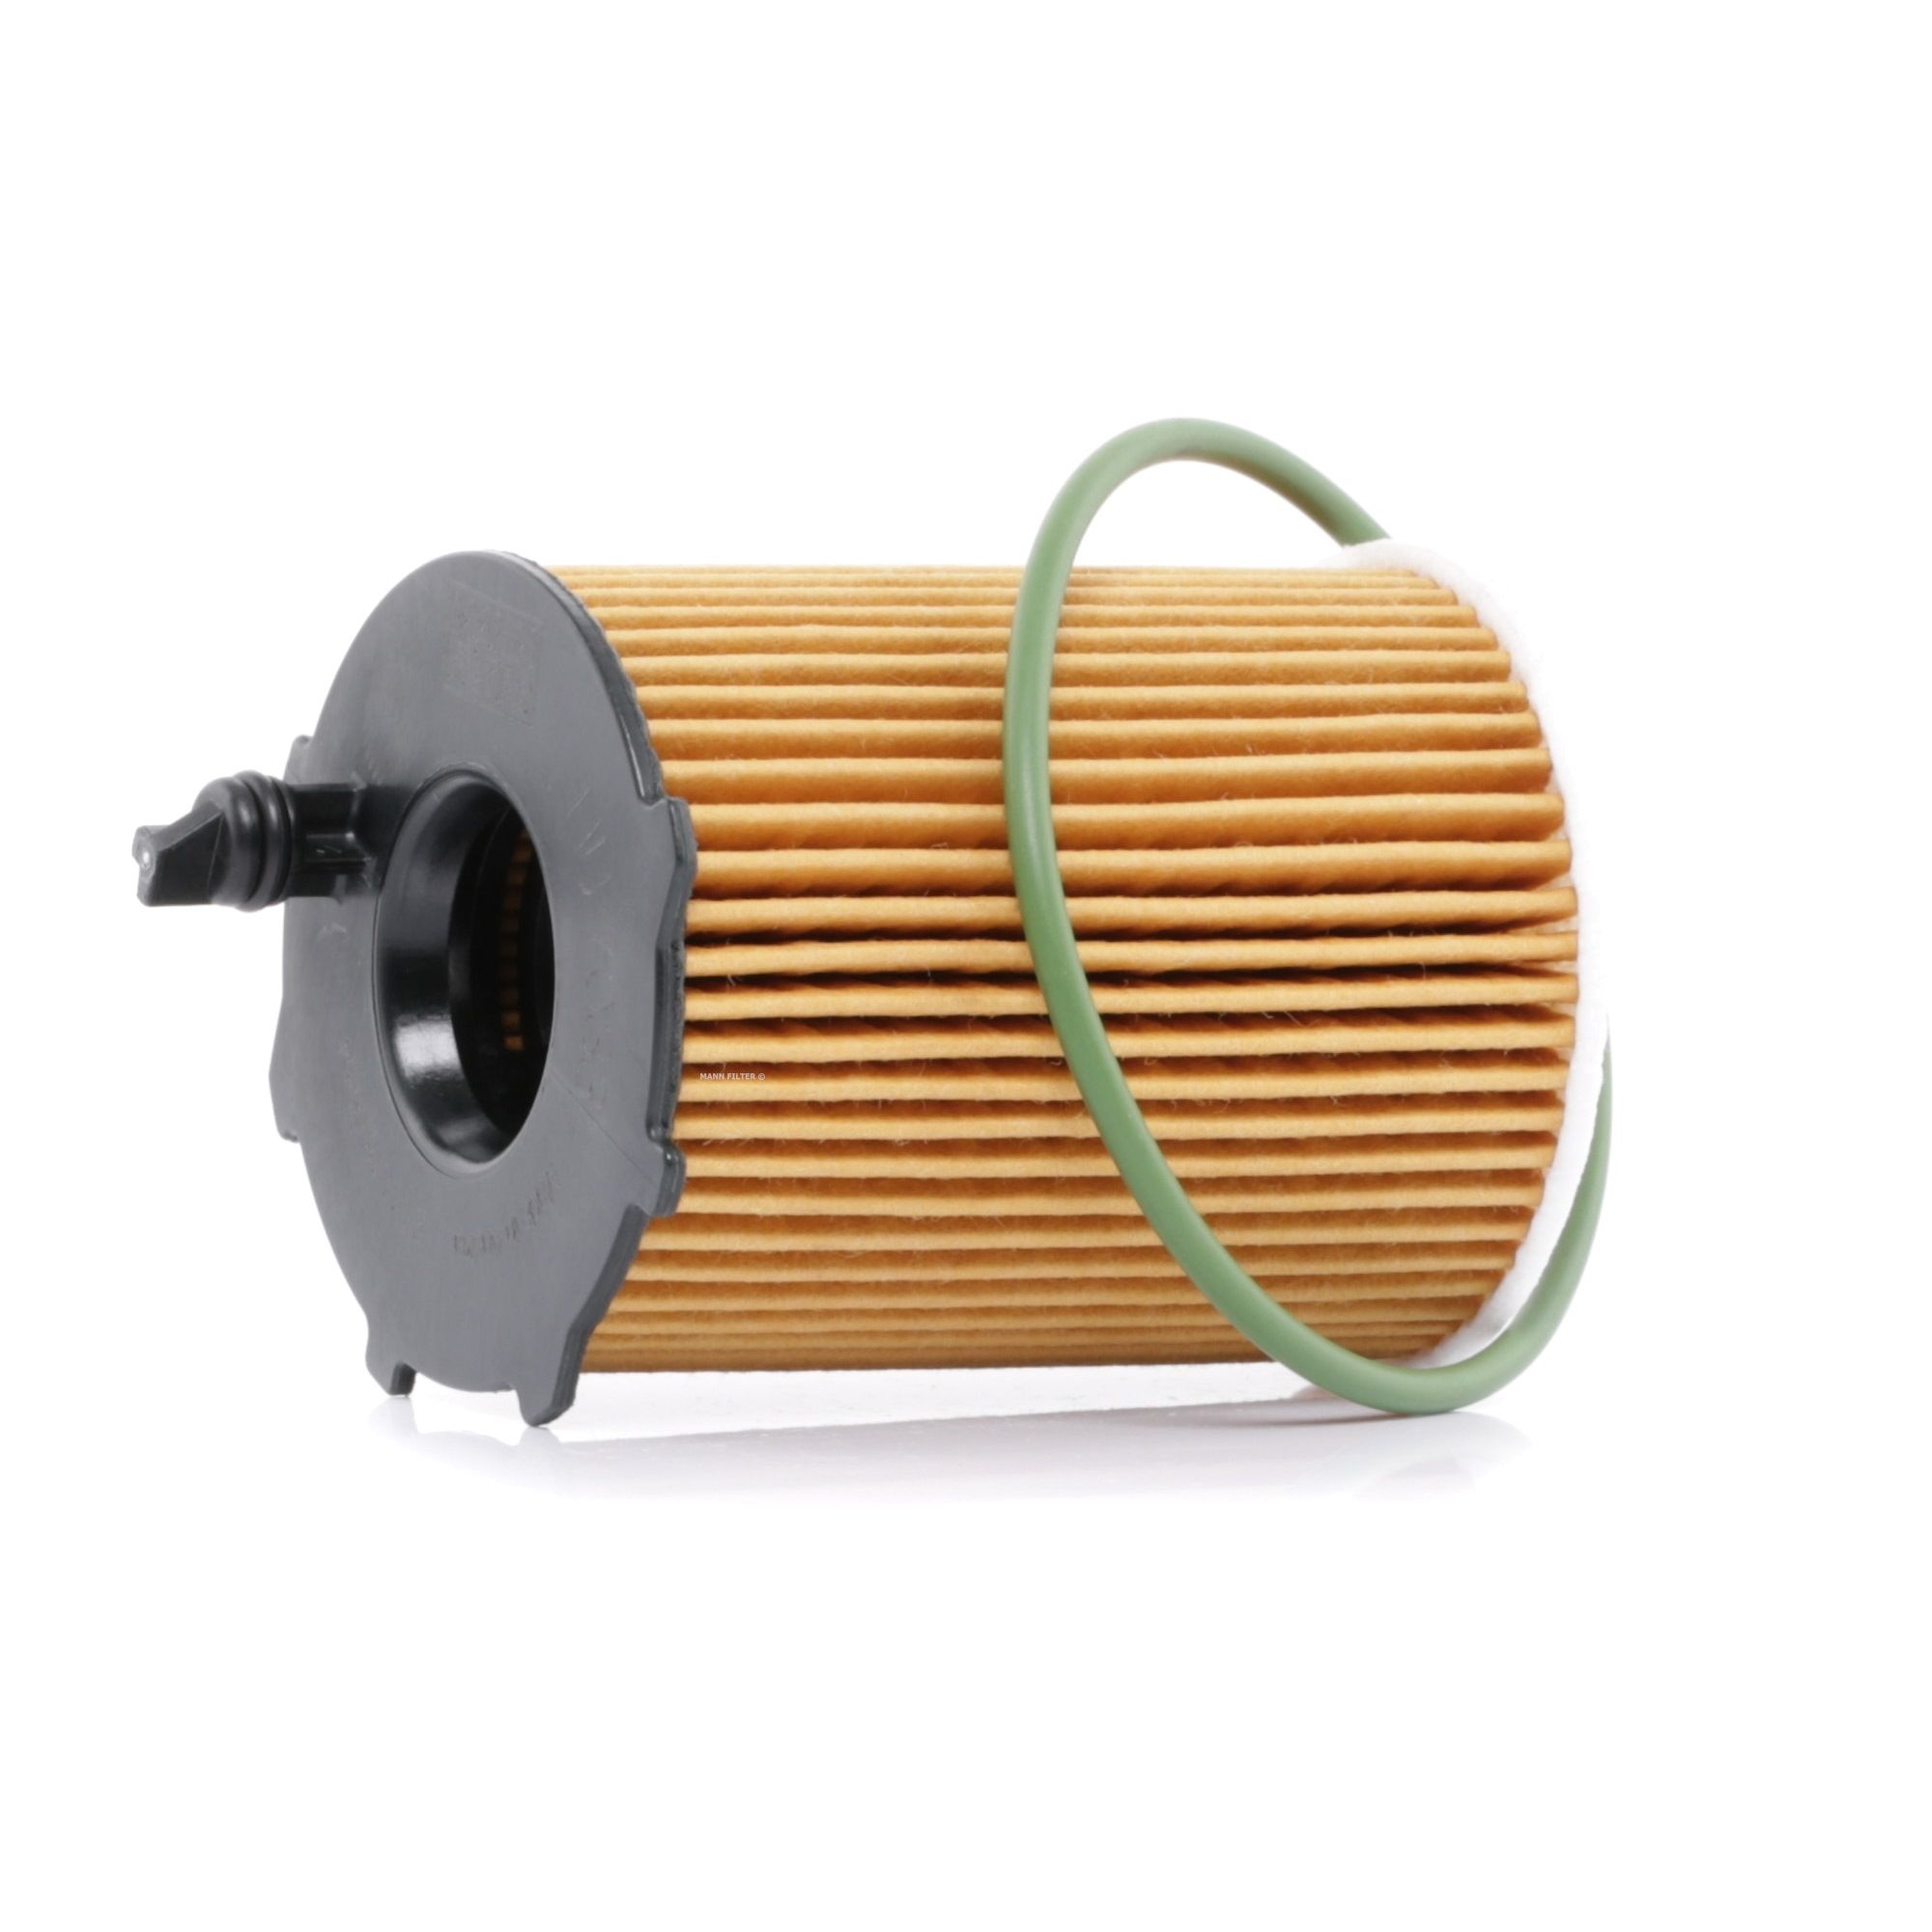 Buy original Oil filter MANN-FILTER HU 7033 z